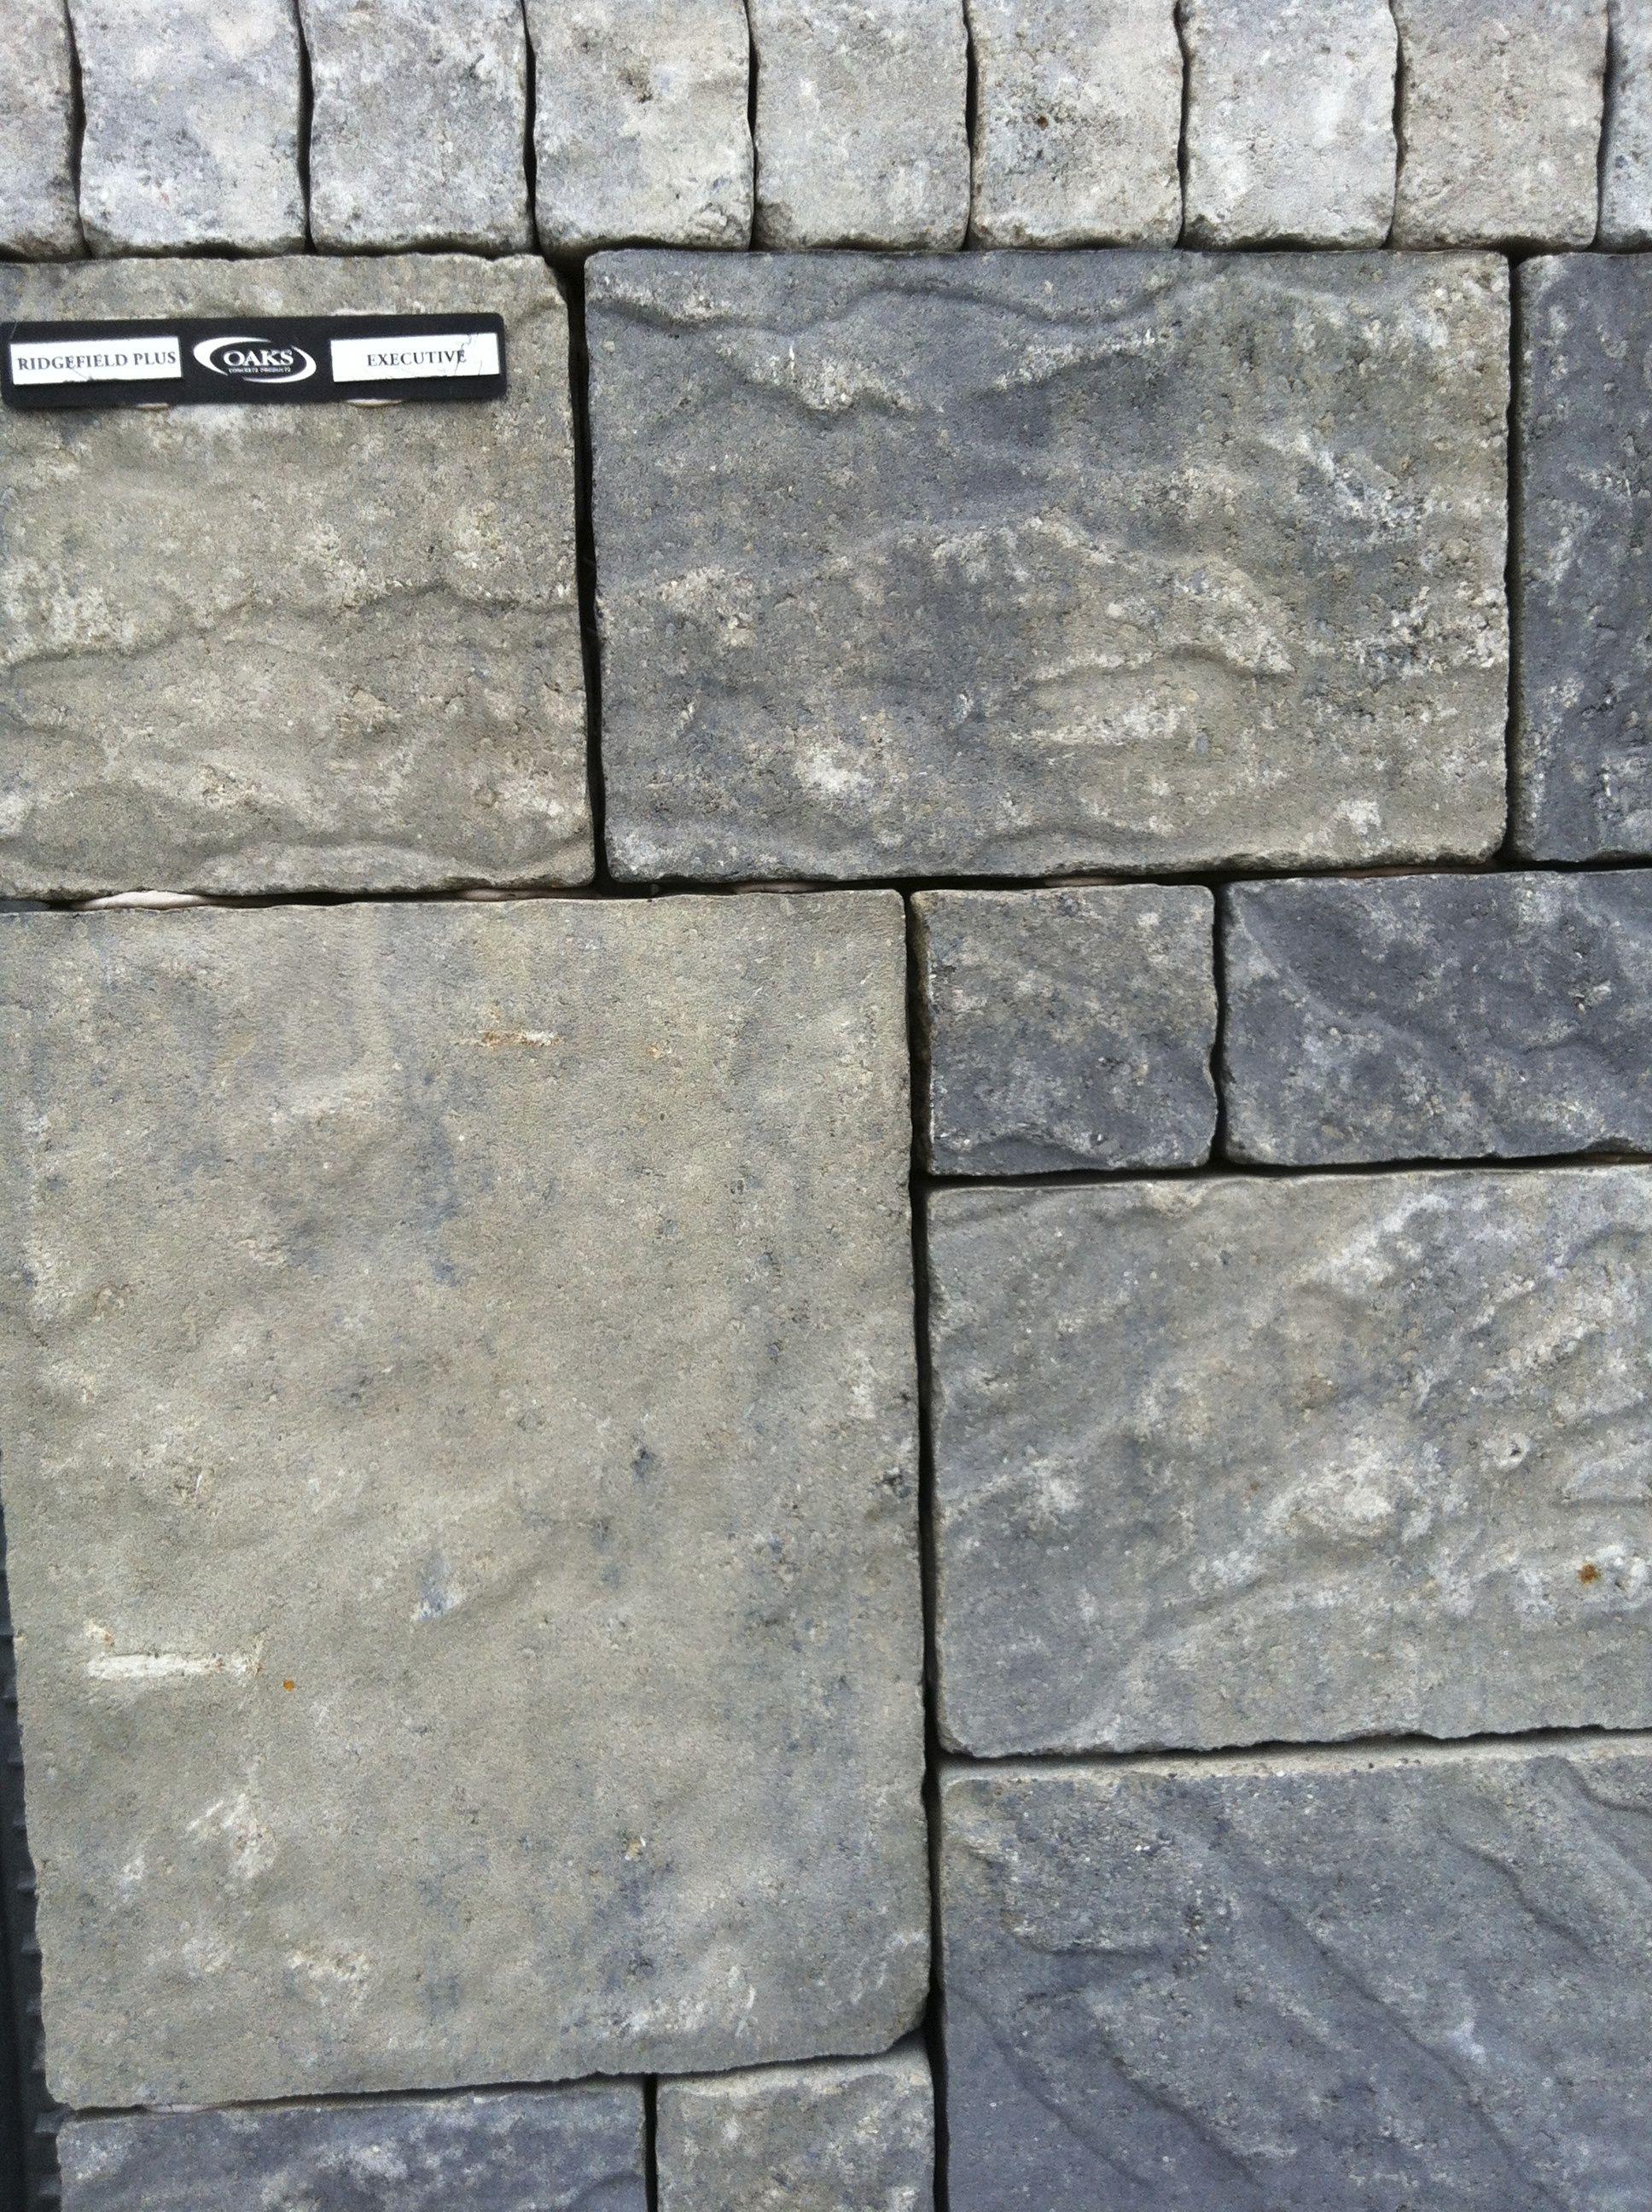 Precast Concrete Pavers : Oaks concrete products ridgefield paver executive